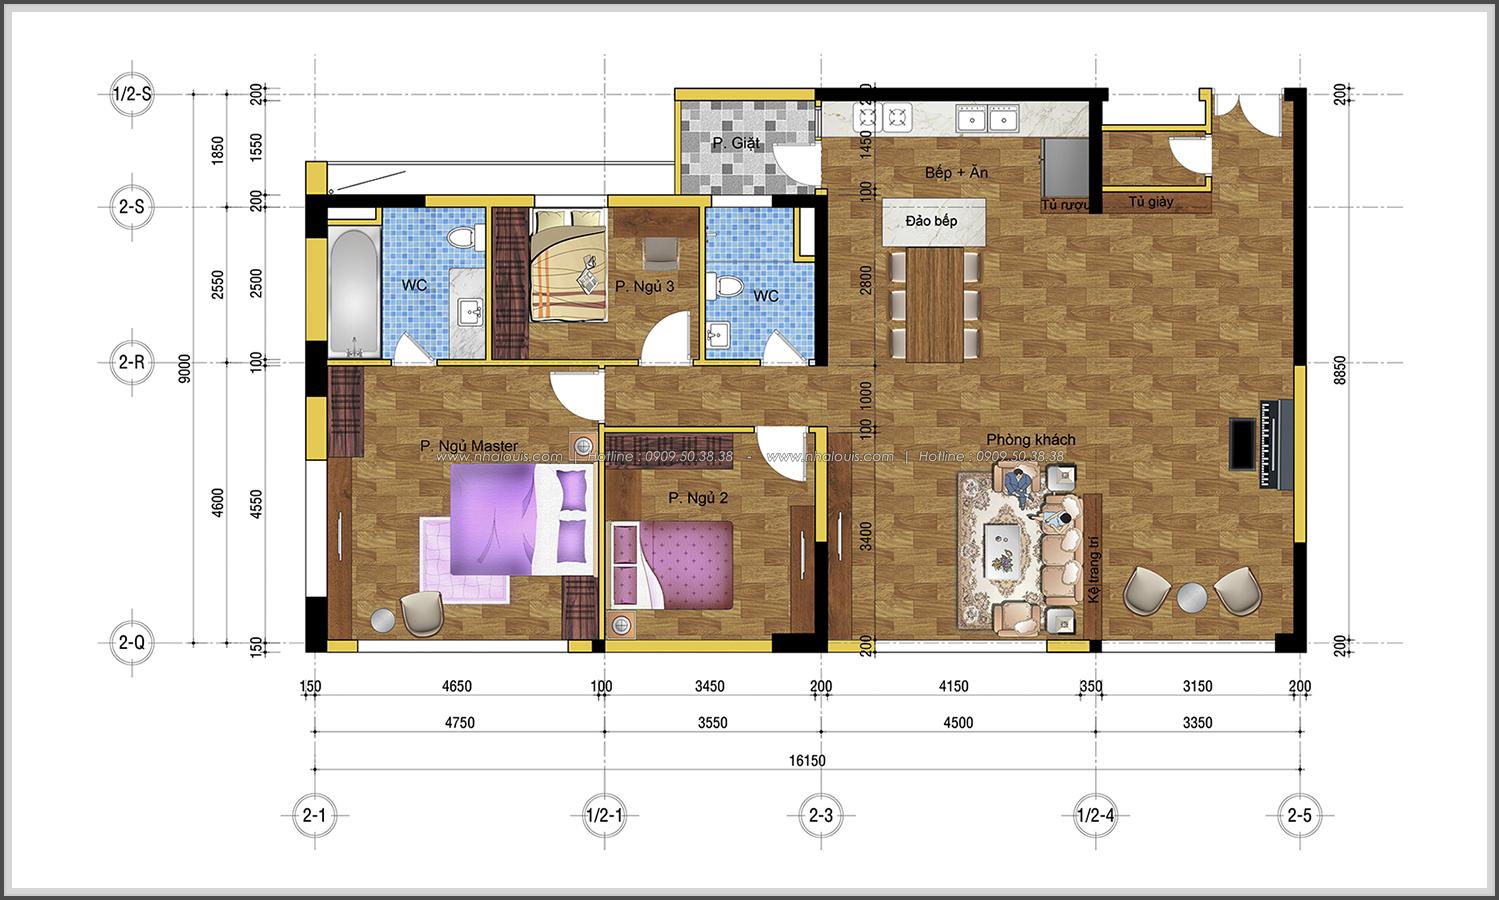 Thiết kế thi công nội thất căn hộ cao cấp Happy Valley quận 7 - 02